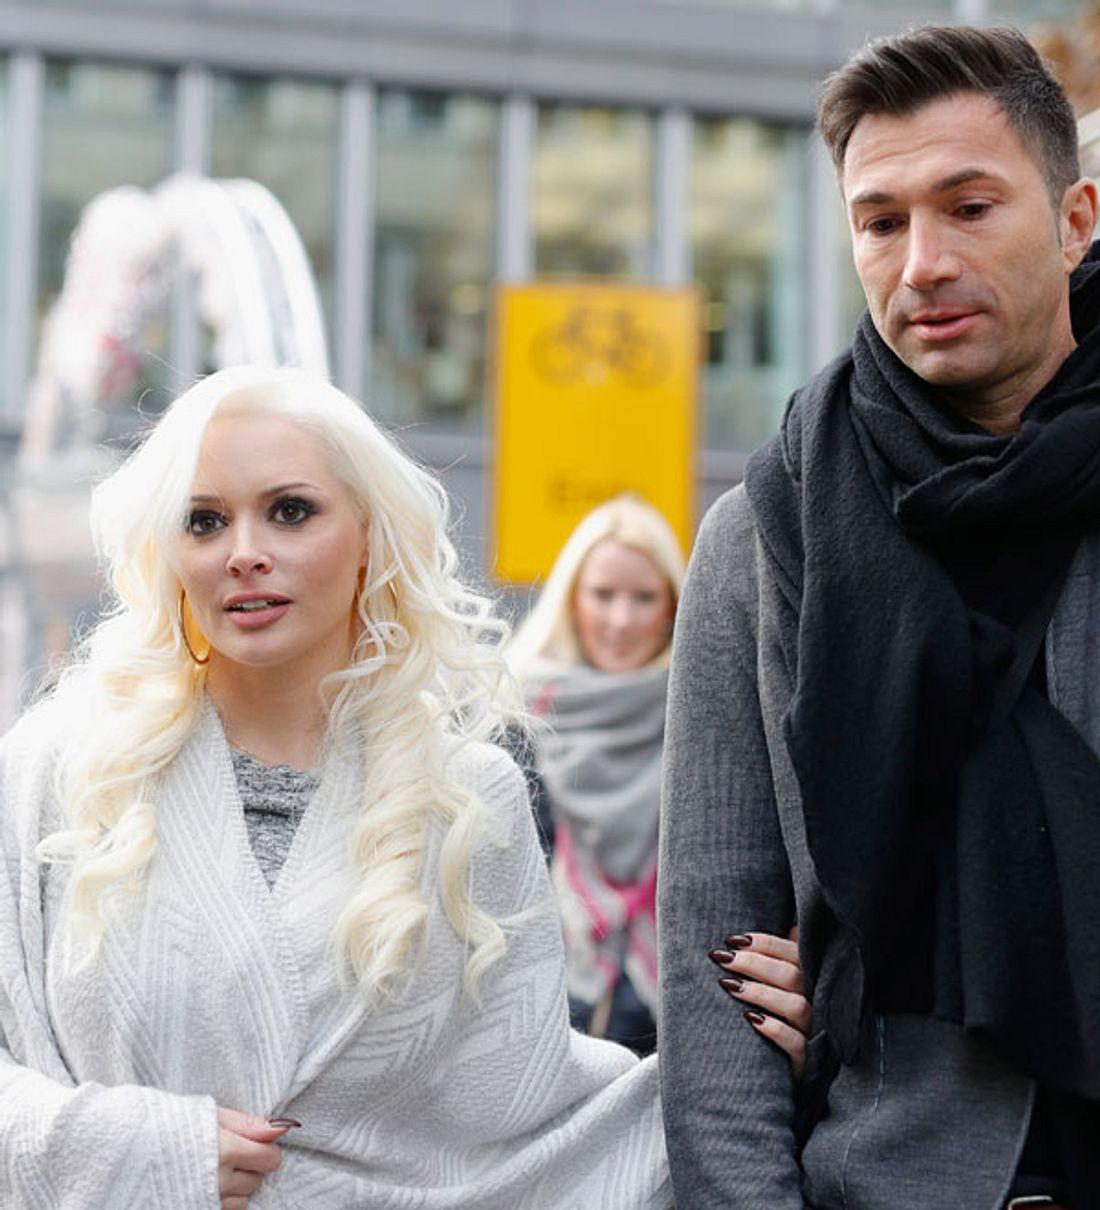 Daniela Katzenberger: Große Sorge um Ehemann Lucas! So schlecht geht es ihm wirklich